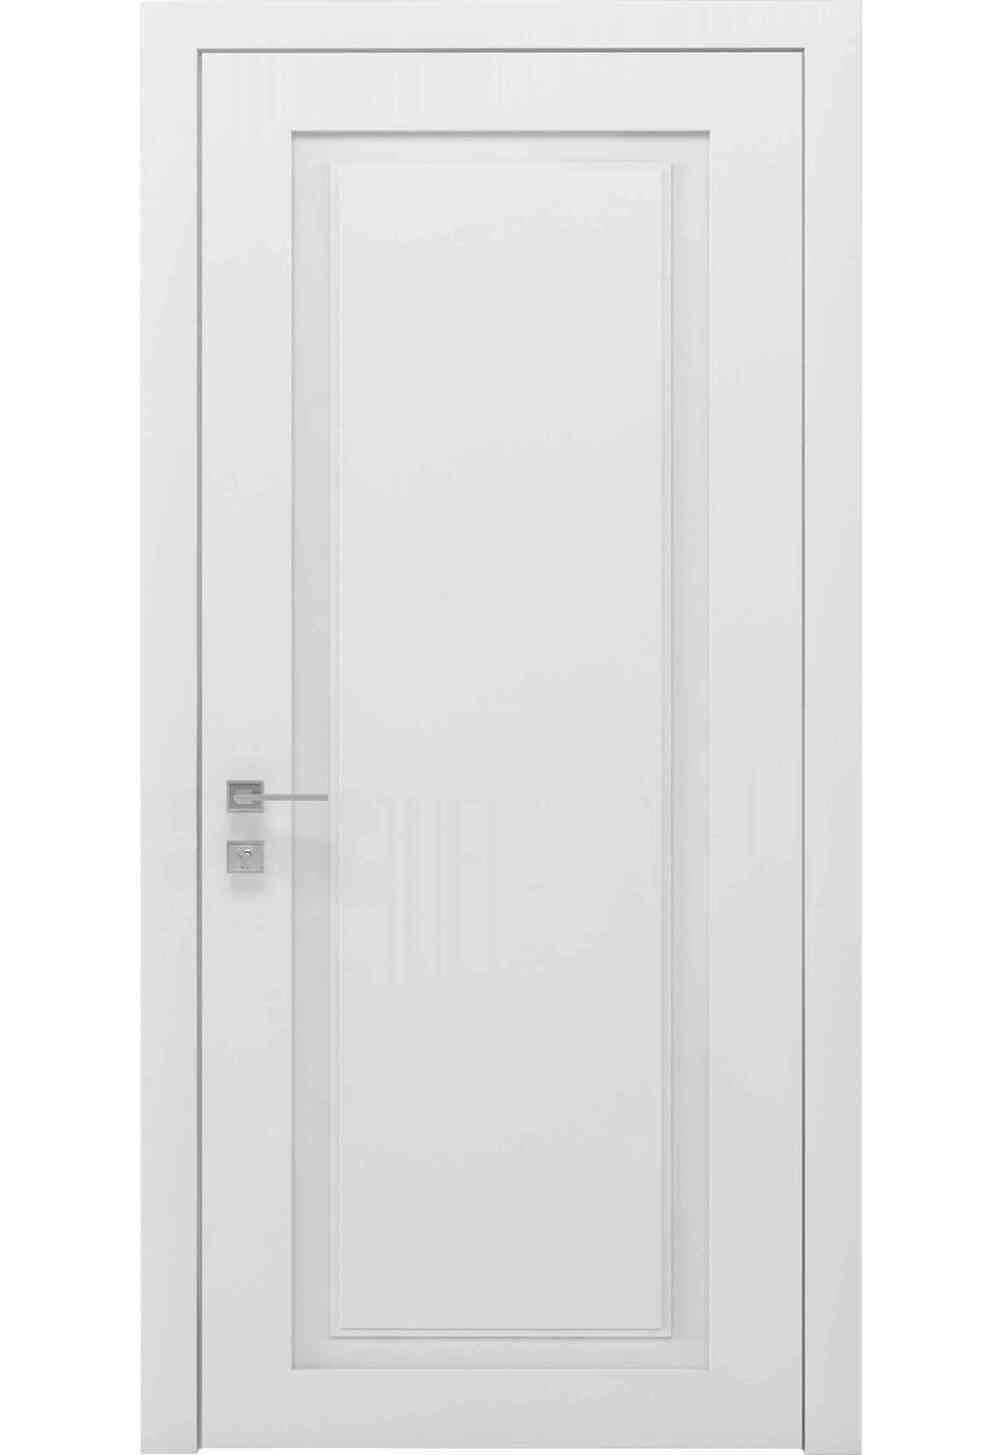 Купити Двері міжкімнатні RODOS CORTES VENEZIA /Білий матовий/, 800x2000